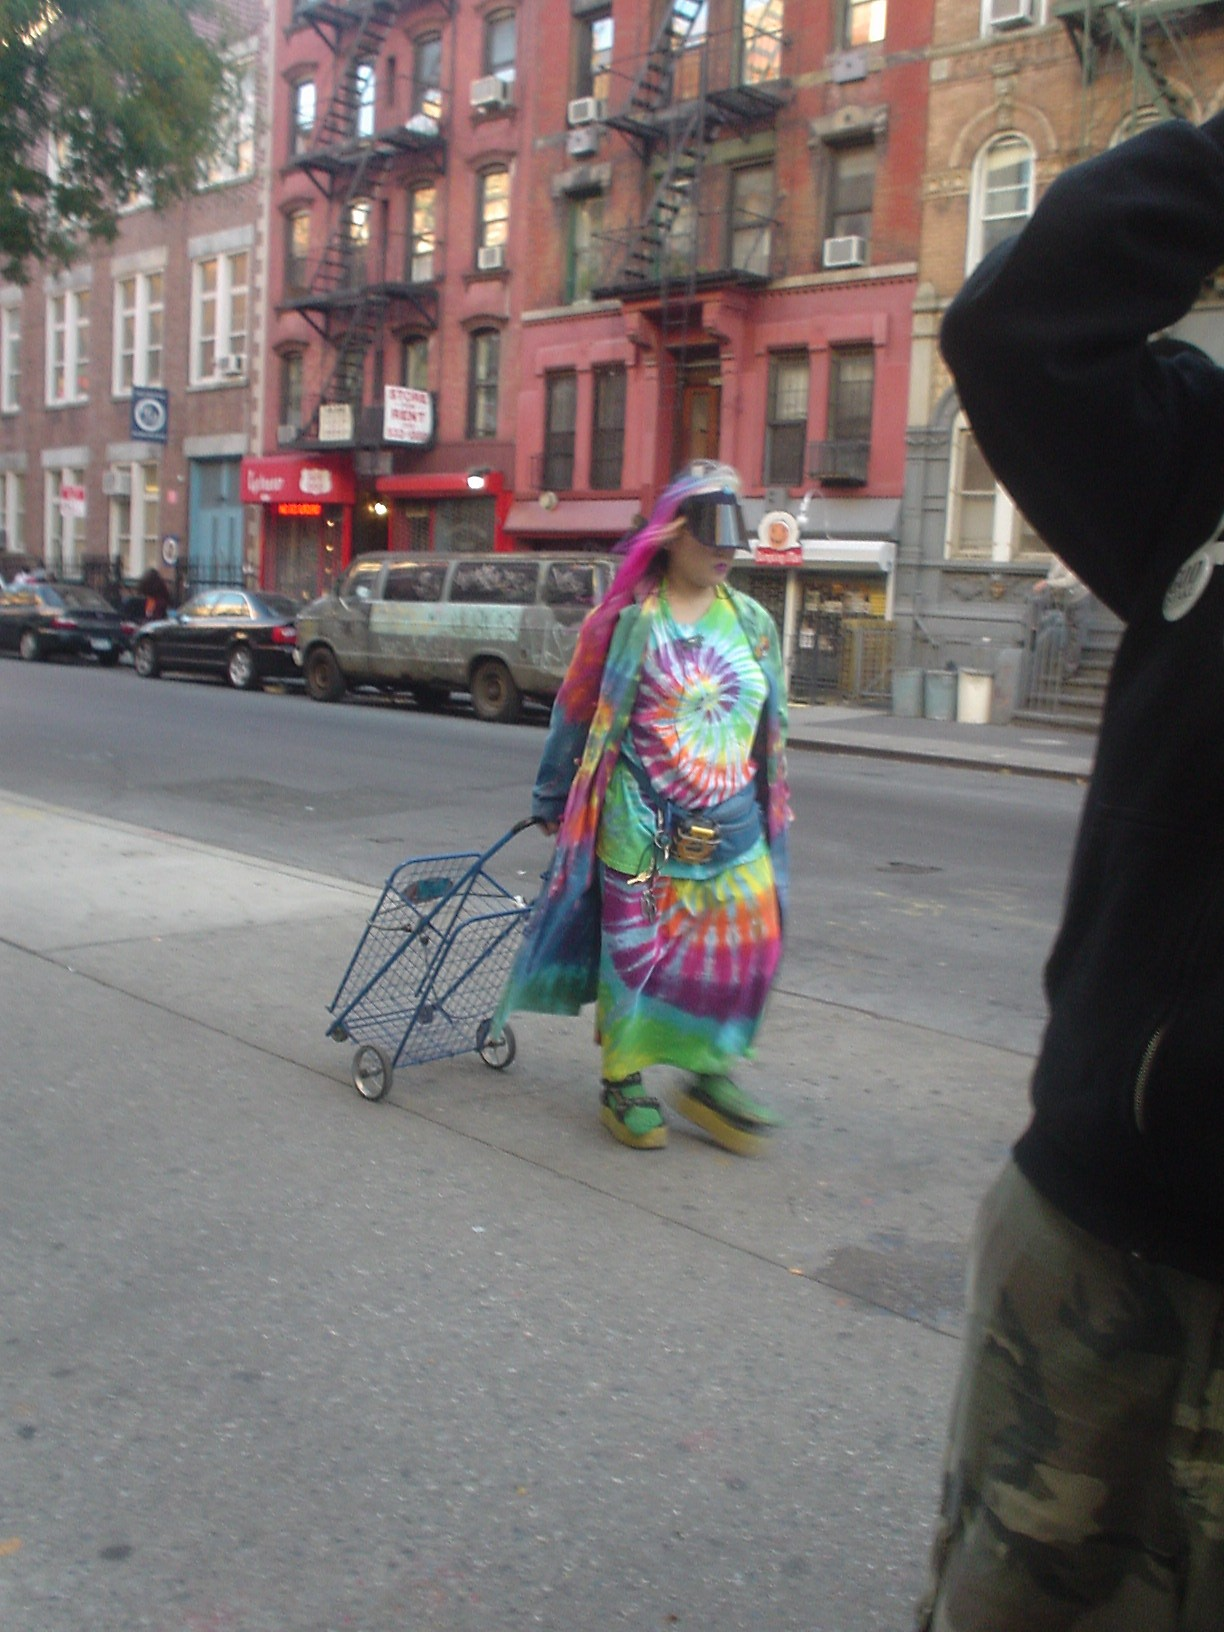 Tie-dye Woman